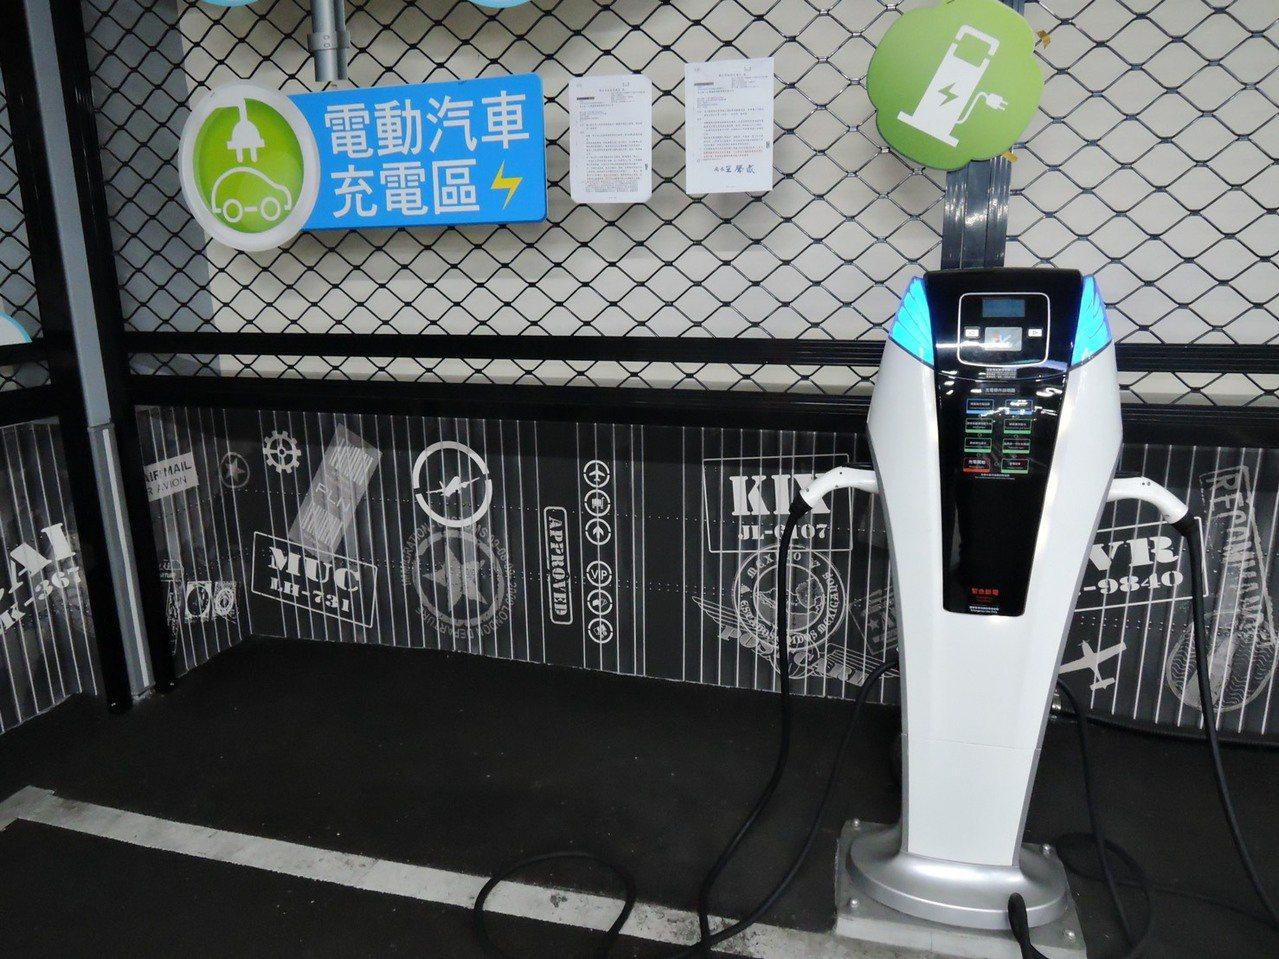 交通局表示,雖然將原本電動車優惠調整為停車收費,但還是會提供充電免費服務。 圖/...